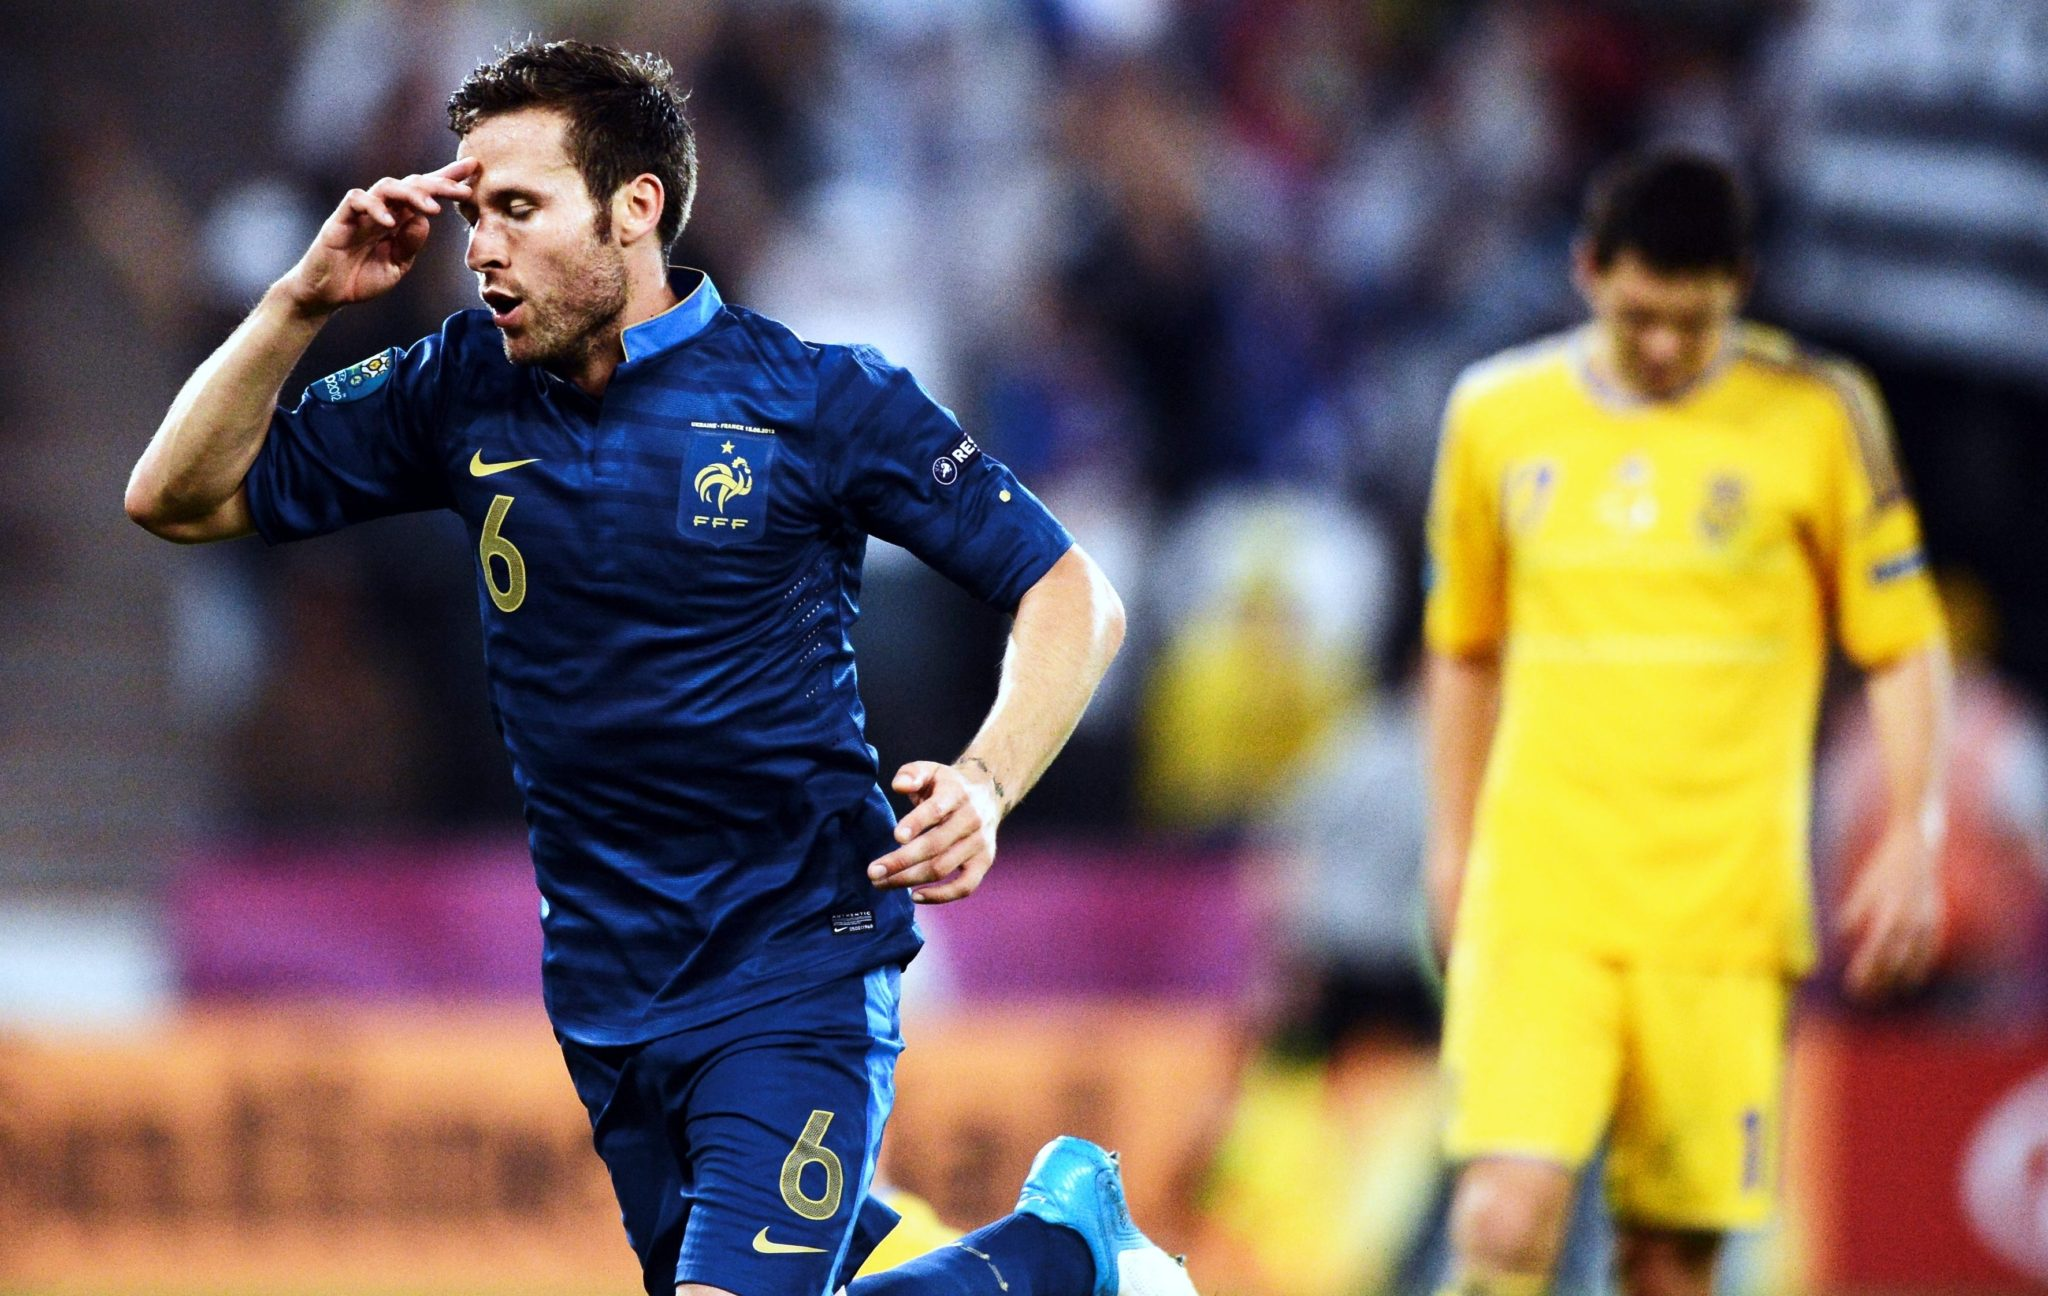 Les révélations de cet Euro 2012